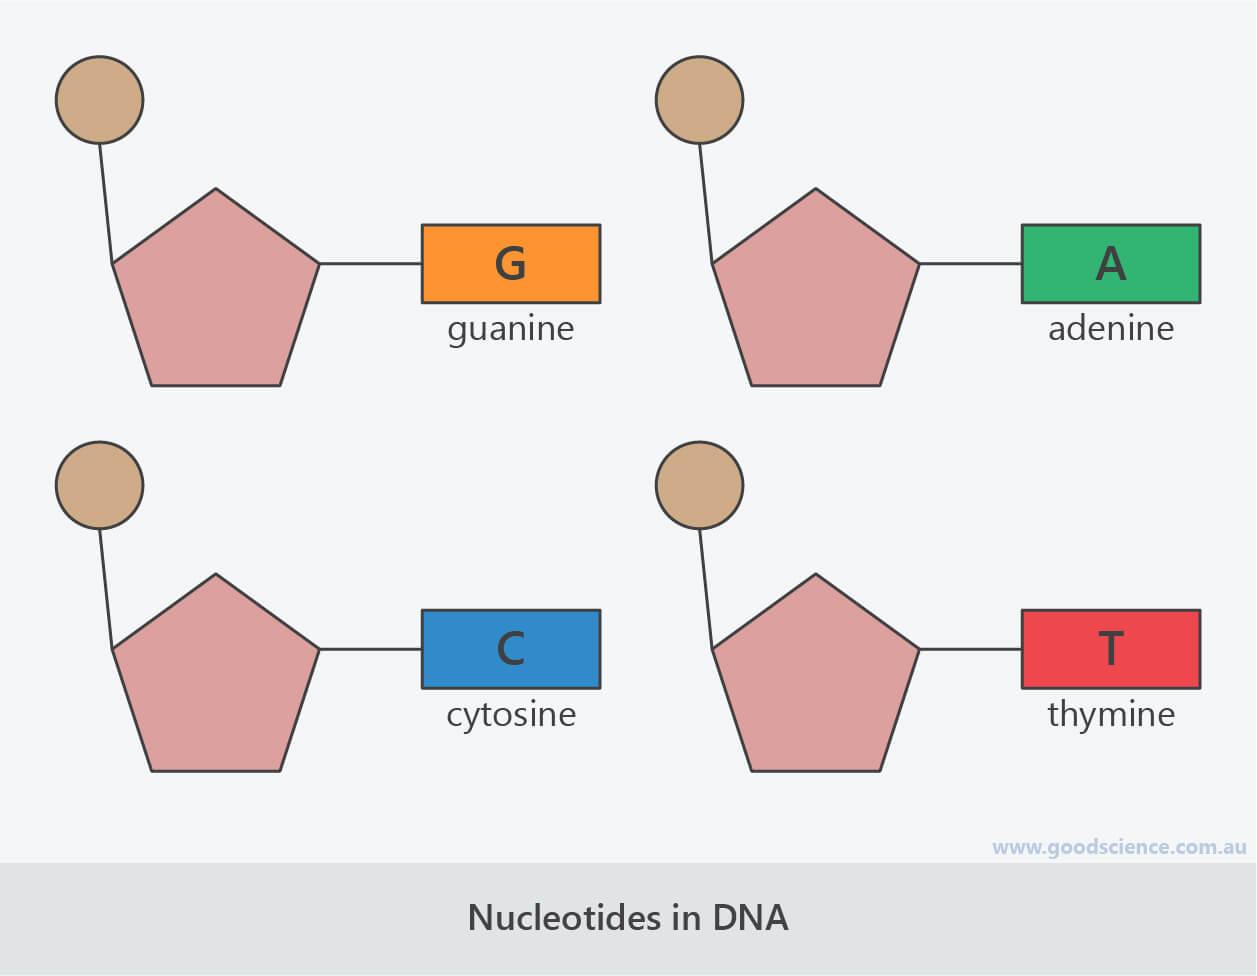 nucleotides bases dna